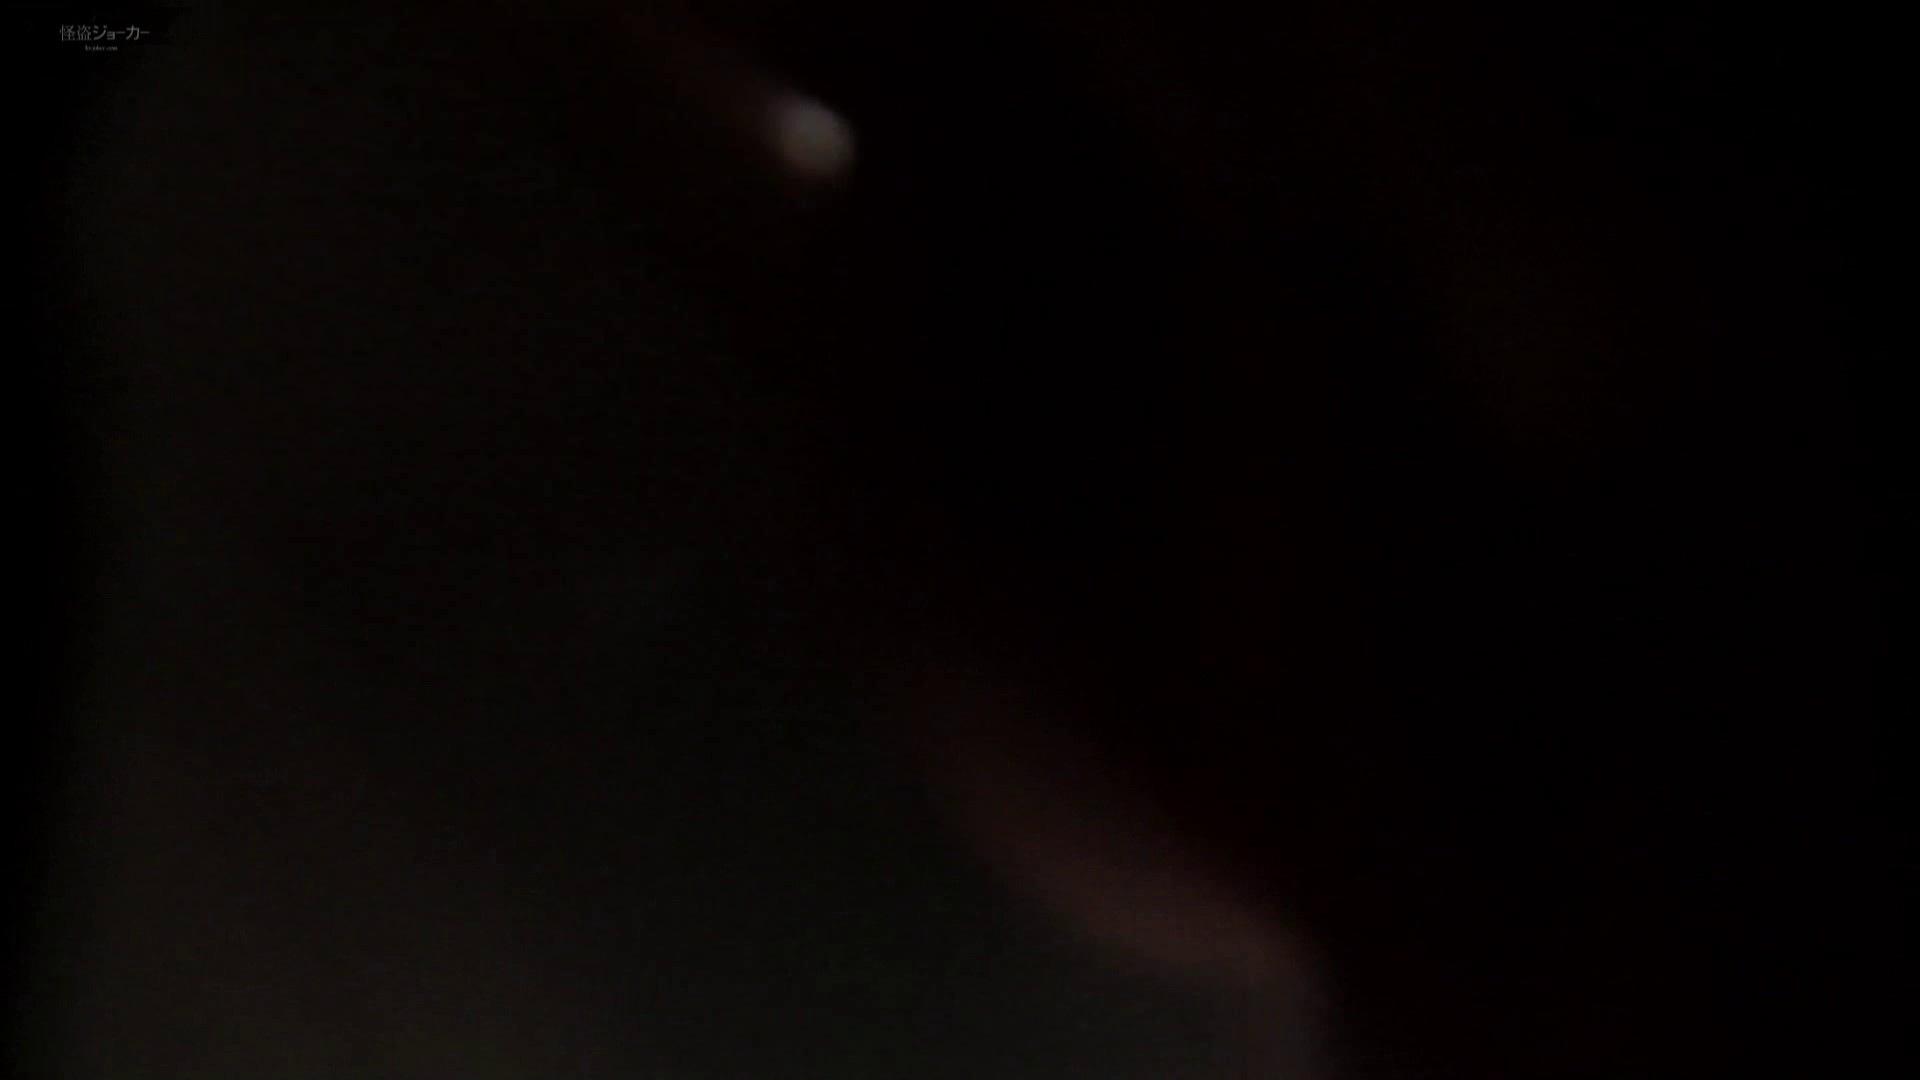 お銀 vol.68 無謀に通路に飛び出て一番明るいフロント撮り実現、見所満載 いやらしいOL エロ画像 93連発 82